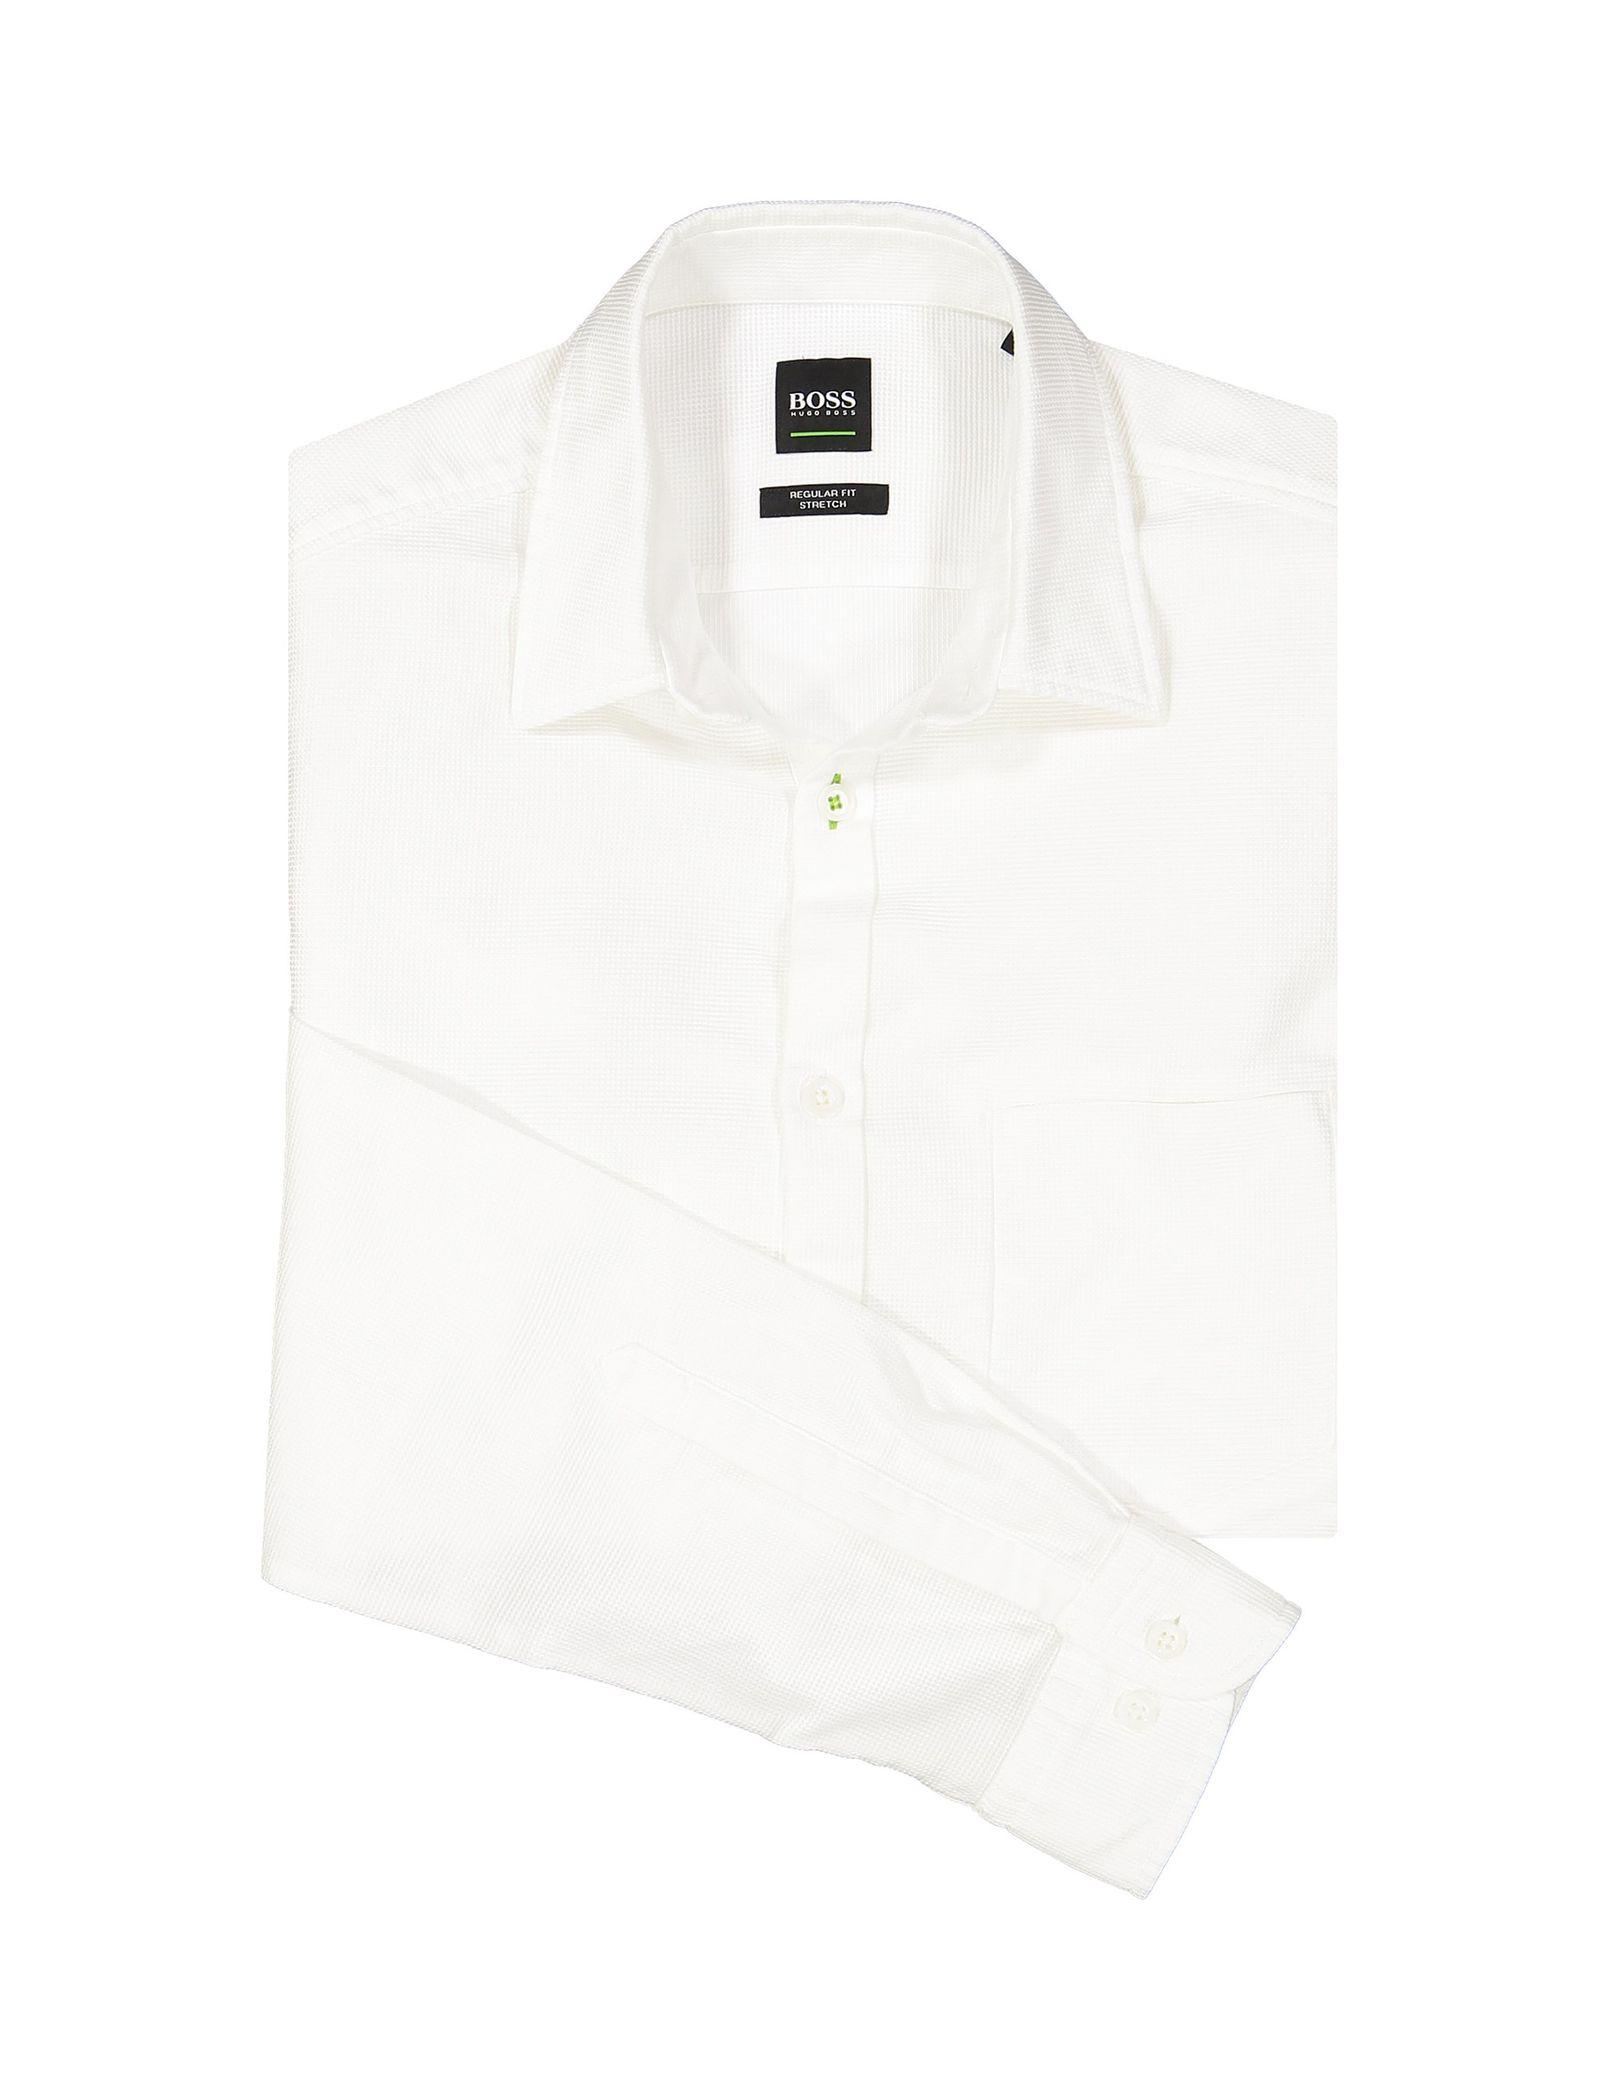 پیراهن نخی آستین بلند مردانه BISEV_R - باس - سفيد - 5